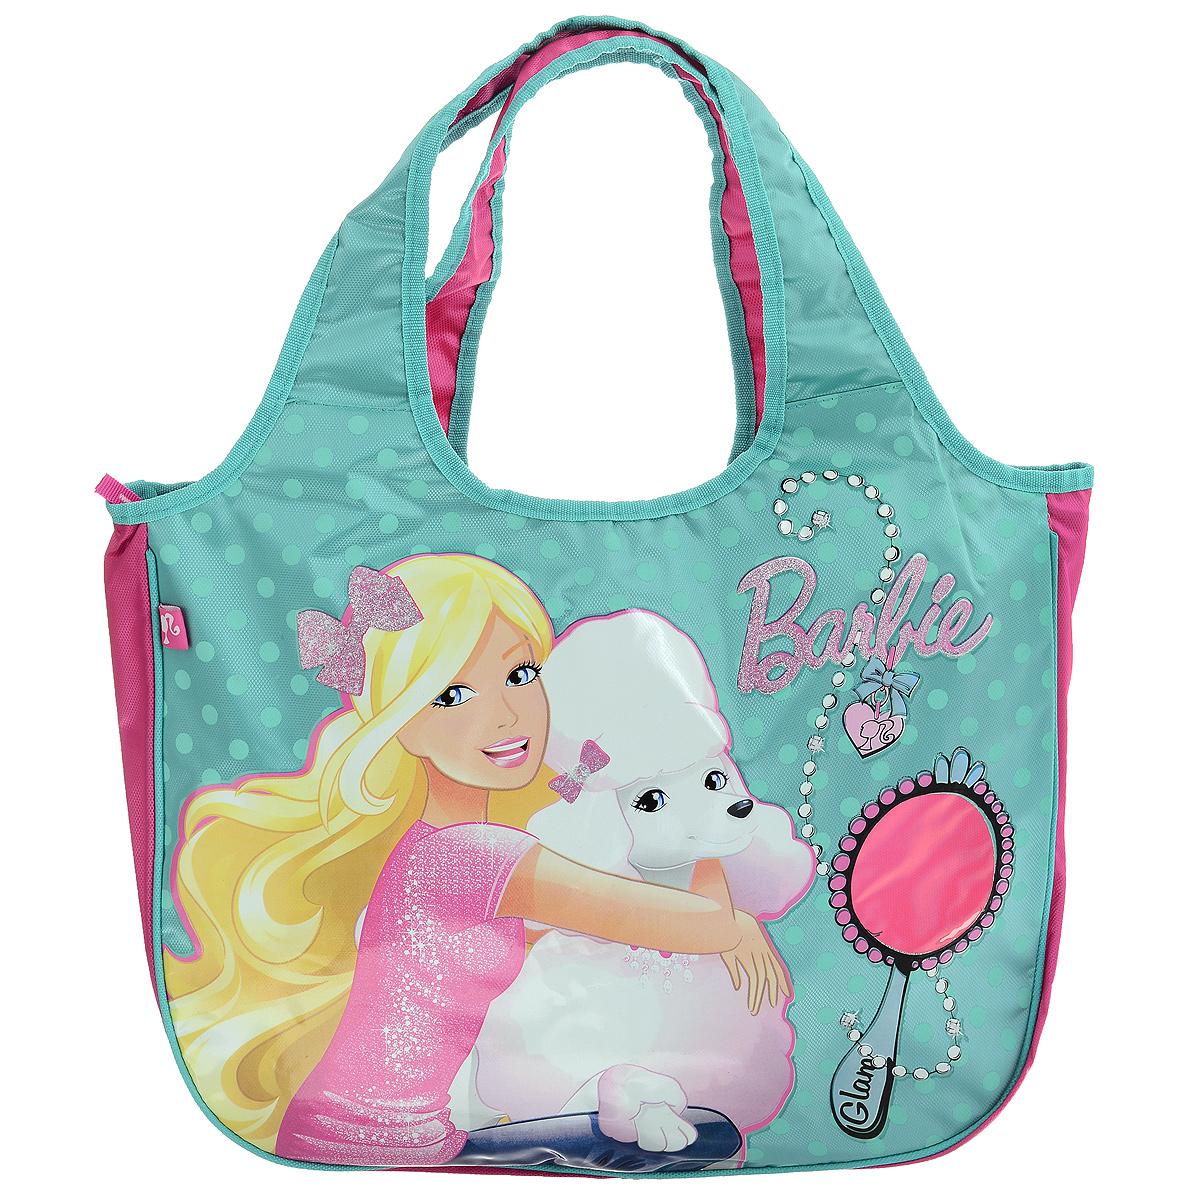 Сумка детская Barbie, цвет: бирюзовый, розовый. BRAS-UT-144572523WDСумка детская Barbie, выполненная из плотного, водоотталкивающего полиэстера, оформлена изображением известной игрушки - куклы Барби с ее собачкой.Сумочка имеет одно большое вместительное отделение, закрывающееся на застежку-молнию, куда можно положить все необходимые принадлежности и аксессуары. На лицевой стороне сумки имеется небольшая прозрачная вставка в виде зеркала куклы. Внутри отделения расположен карман-кошелек на молнии. Сумочка оснащена двумя ручками для переноски, которые выполнены цельными с основой.Сумка Barbie - идеальный вариант аксессуара на время прогулки или путешествия.